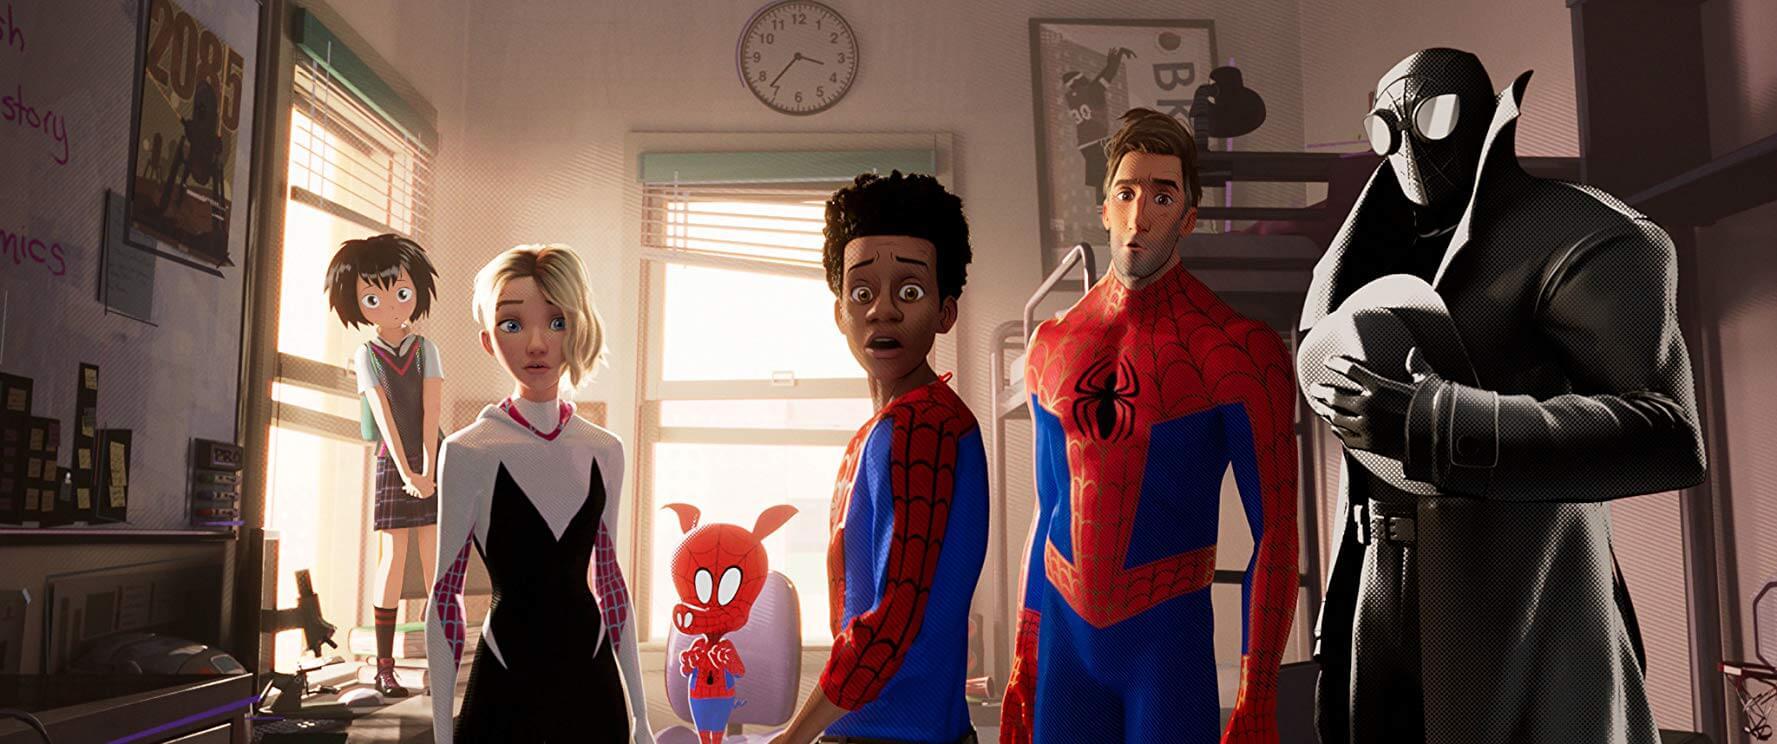 《蜘蛛人:新宇宙》映後好評不斷,成熟獨特的美術畫面,以及劇情中蜘蛛宇宙的延伸及英雄身分的傳承,皆是亮點。